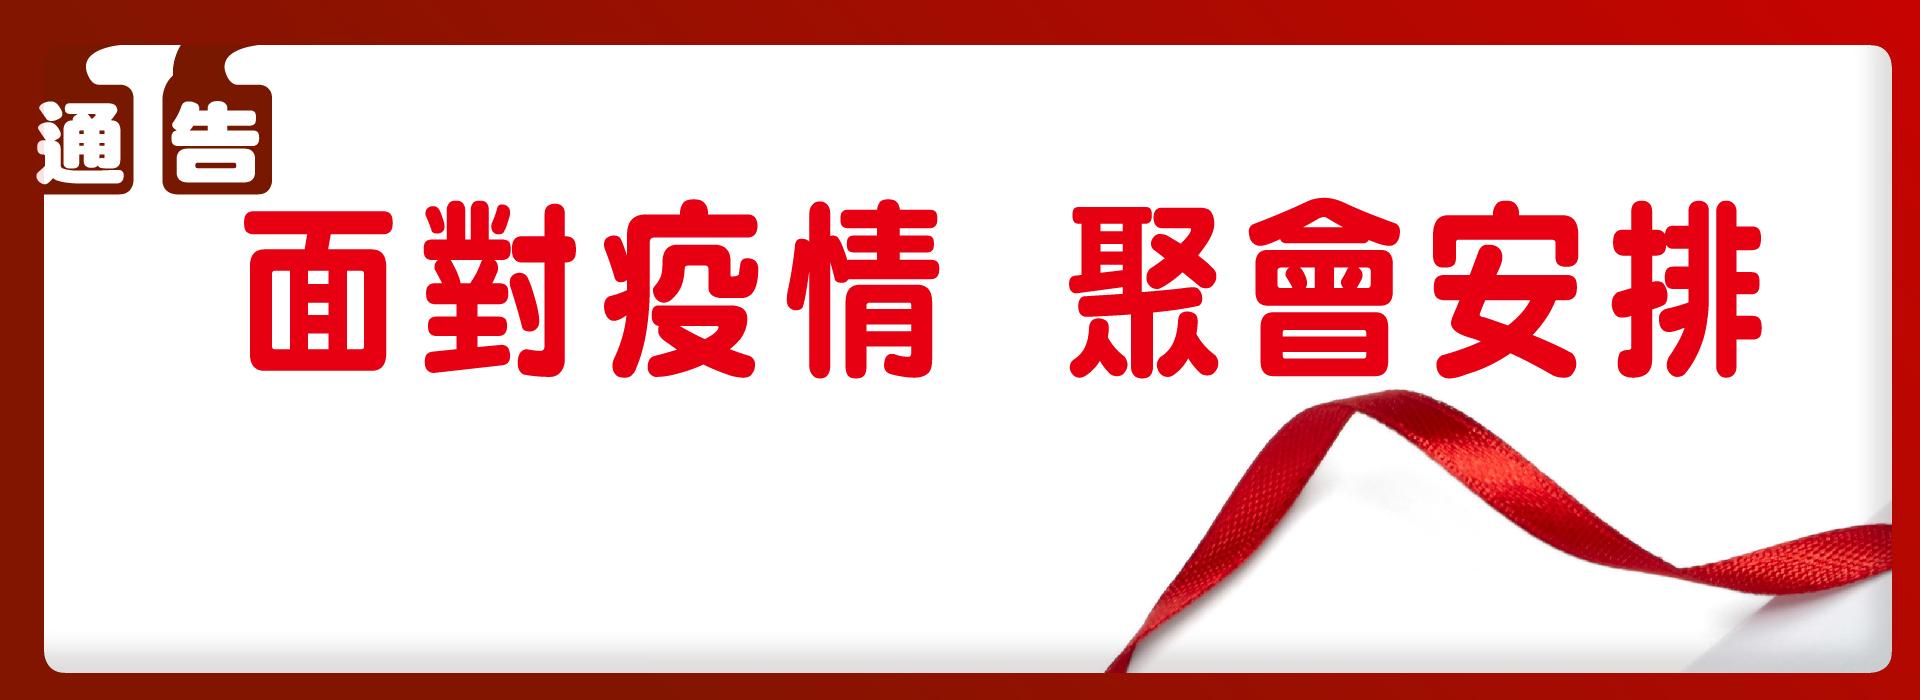 20200124MeetingArrage Banner-01